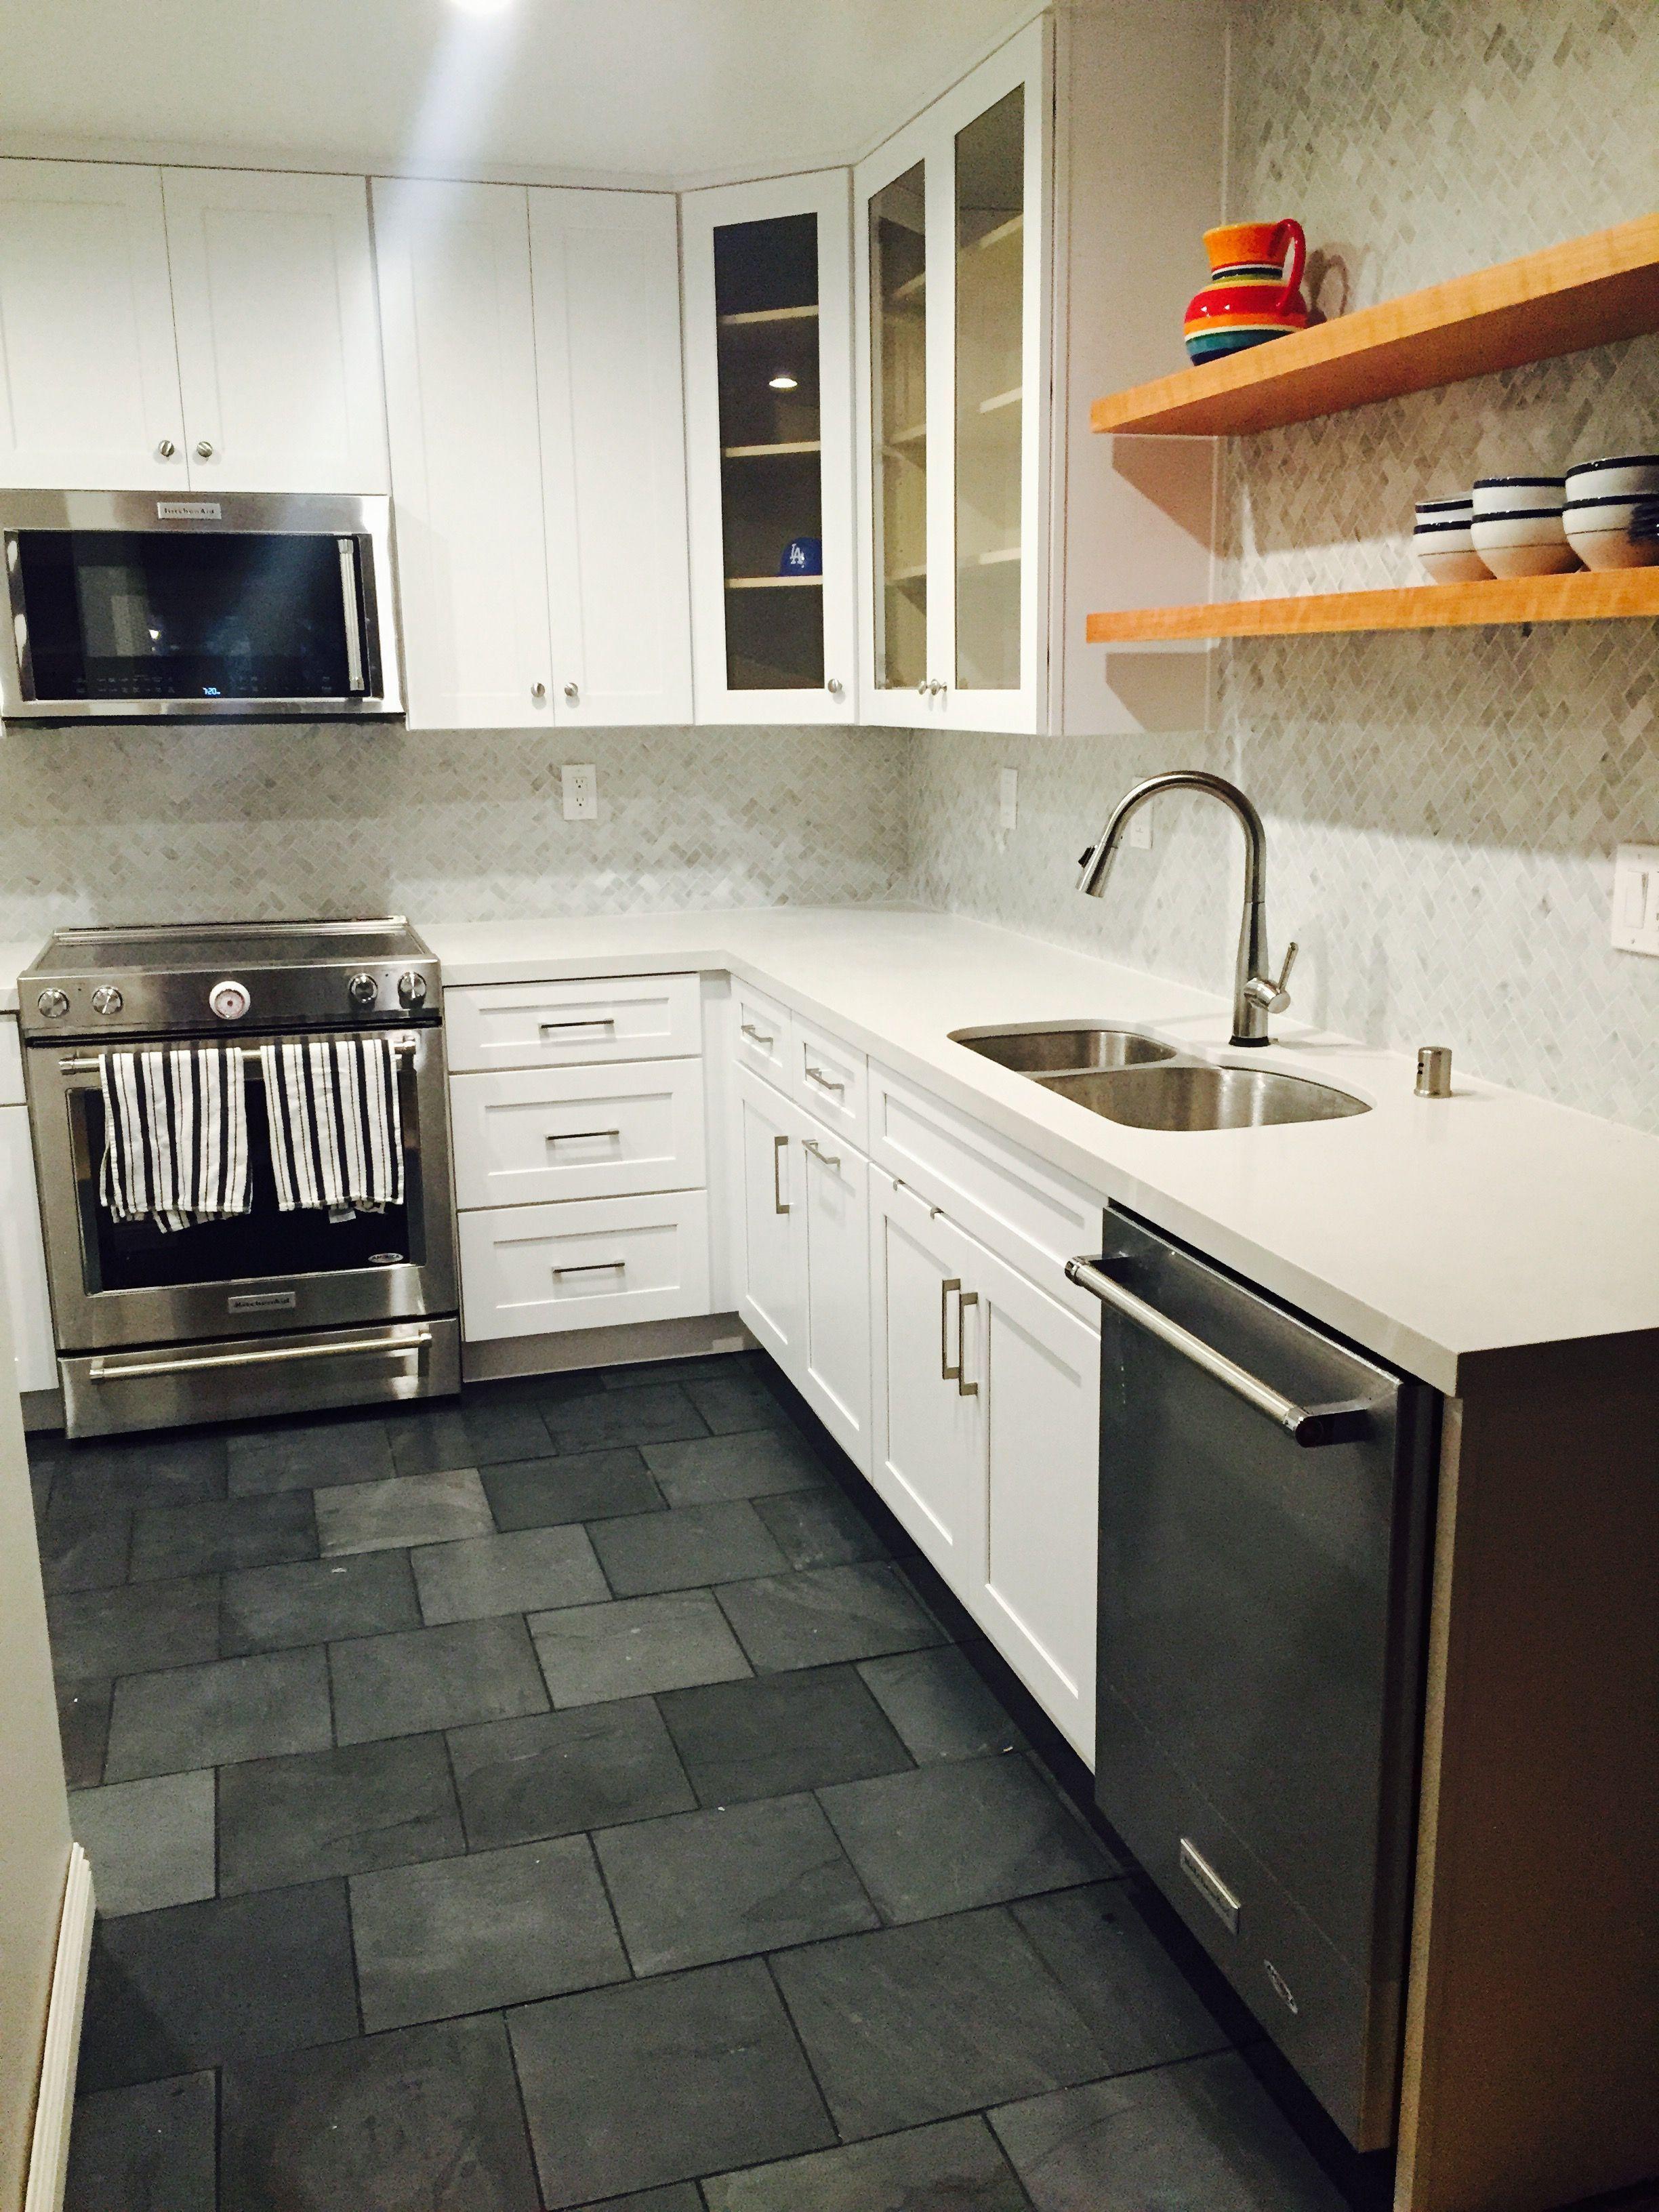 Miraculous ideas concrete backsplash cabinet colors peel and stick